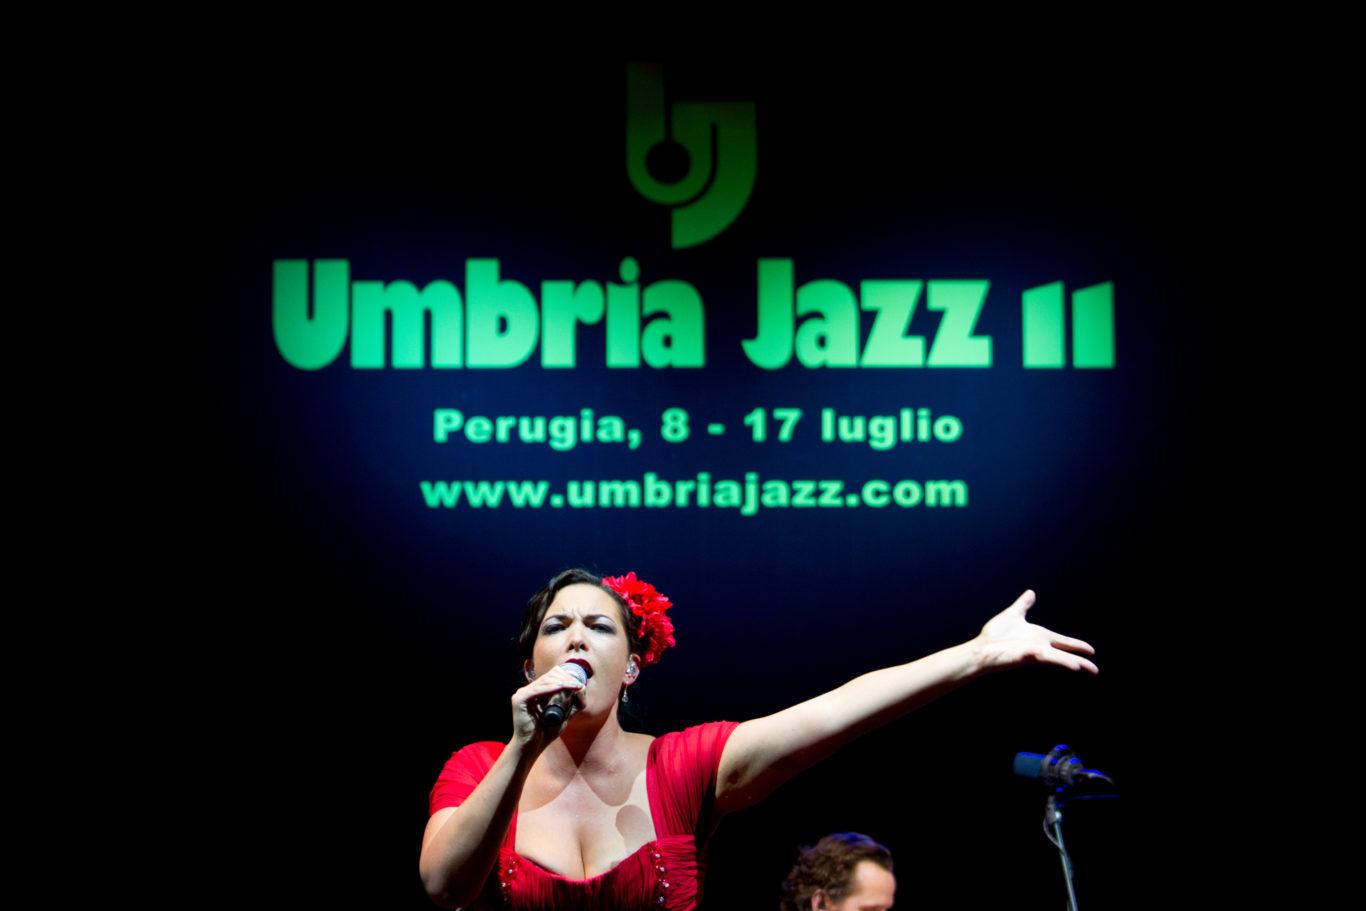 Umbria Jazz 2011 - Perugia arena Santa Giuliana concerto di apertura del festival Umbria Jazz 2011, sul palco Caro Emerald, artista di origini olandesi. Il suo sound  un ritmo pop con forte richiamo al jazz.